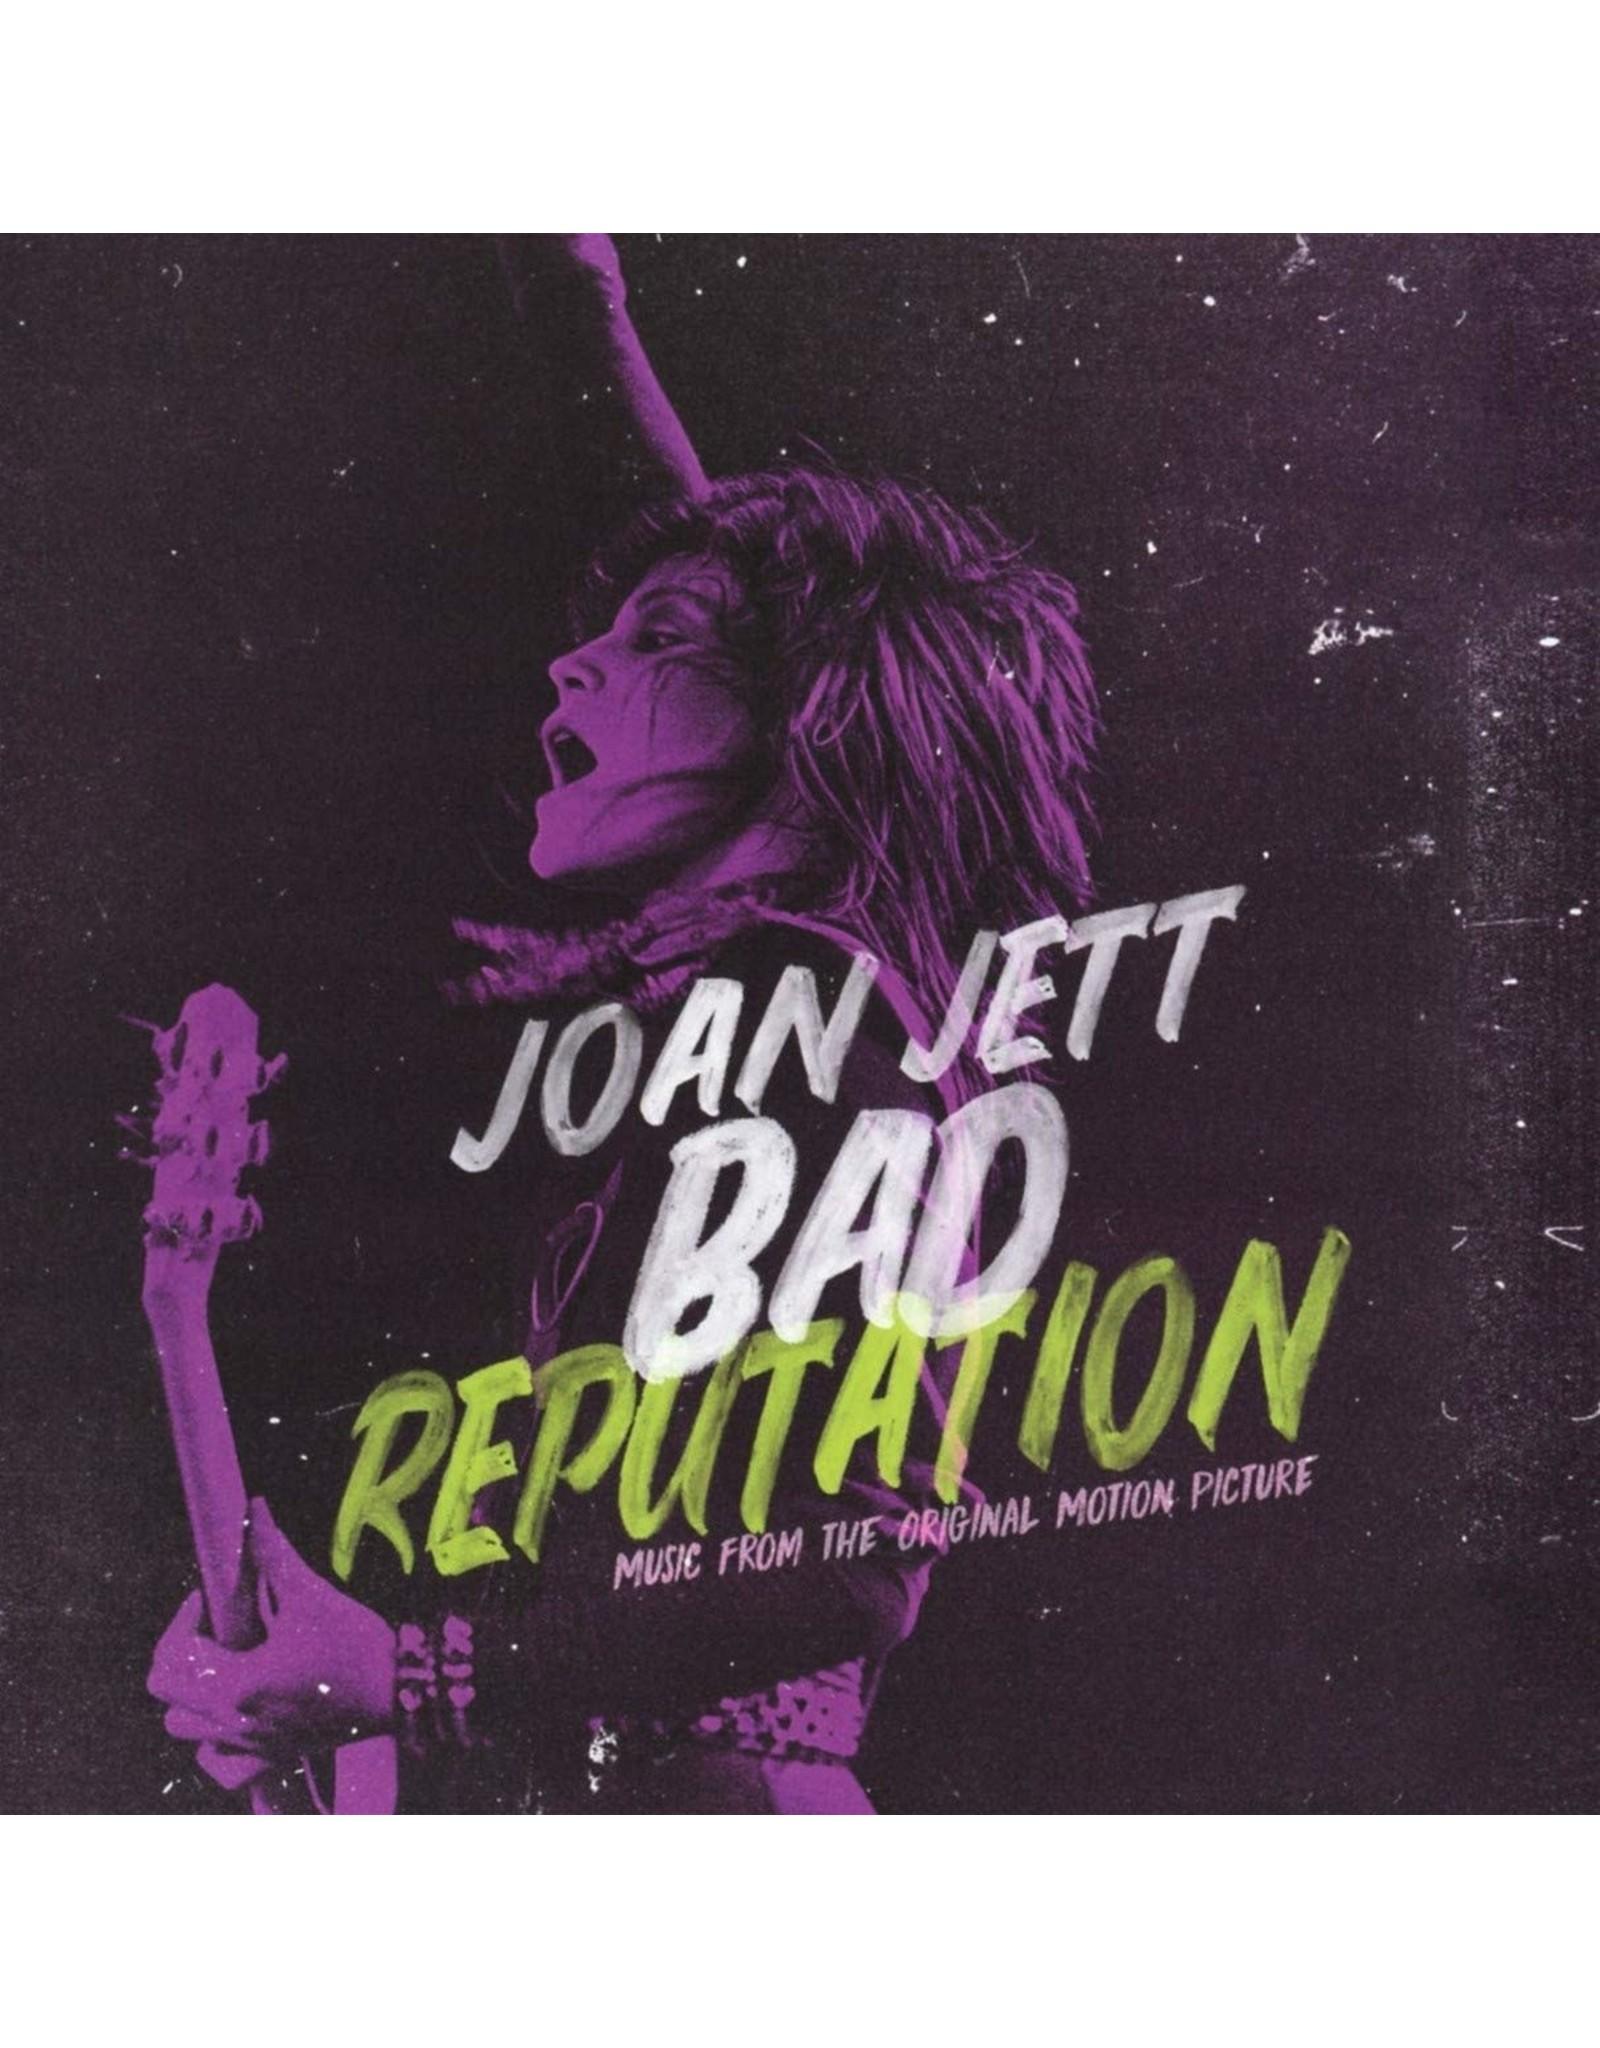 Jett, Joan - Reputation (OST) LP